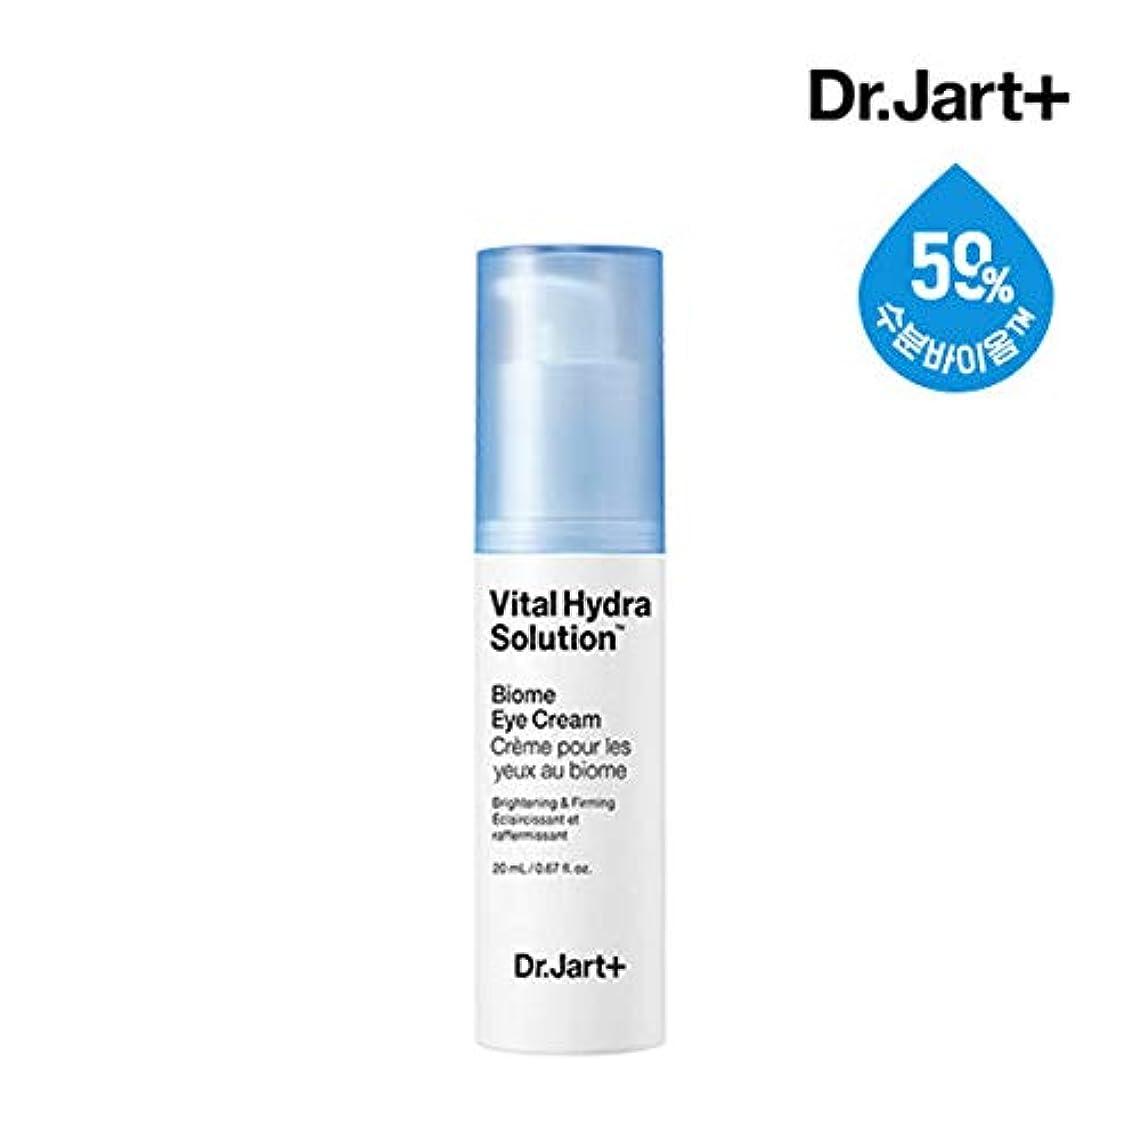 つかむスープ偏見ドクタージャルトゥ[Dr.Jart+] バイタルハイドラソリューションバイオームアイクリーム20ml (Vital Hydra Solution Biome Eye Cream) / ブライトニング&ファーミング